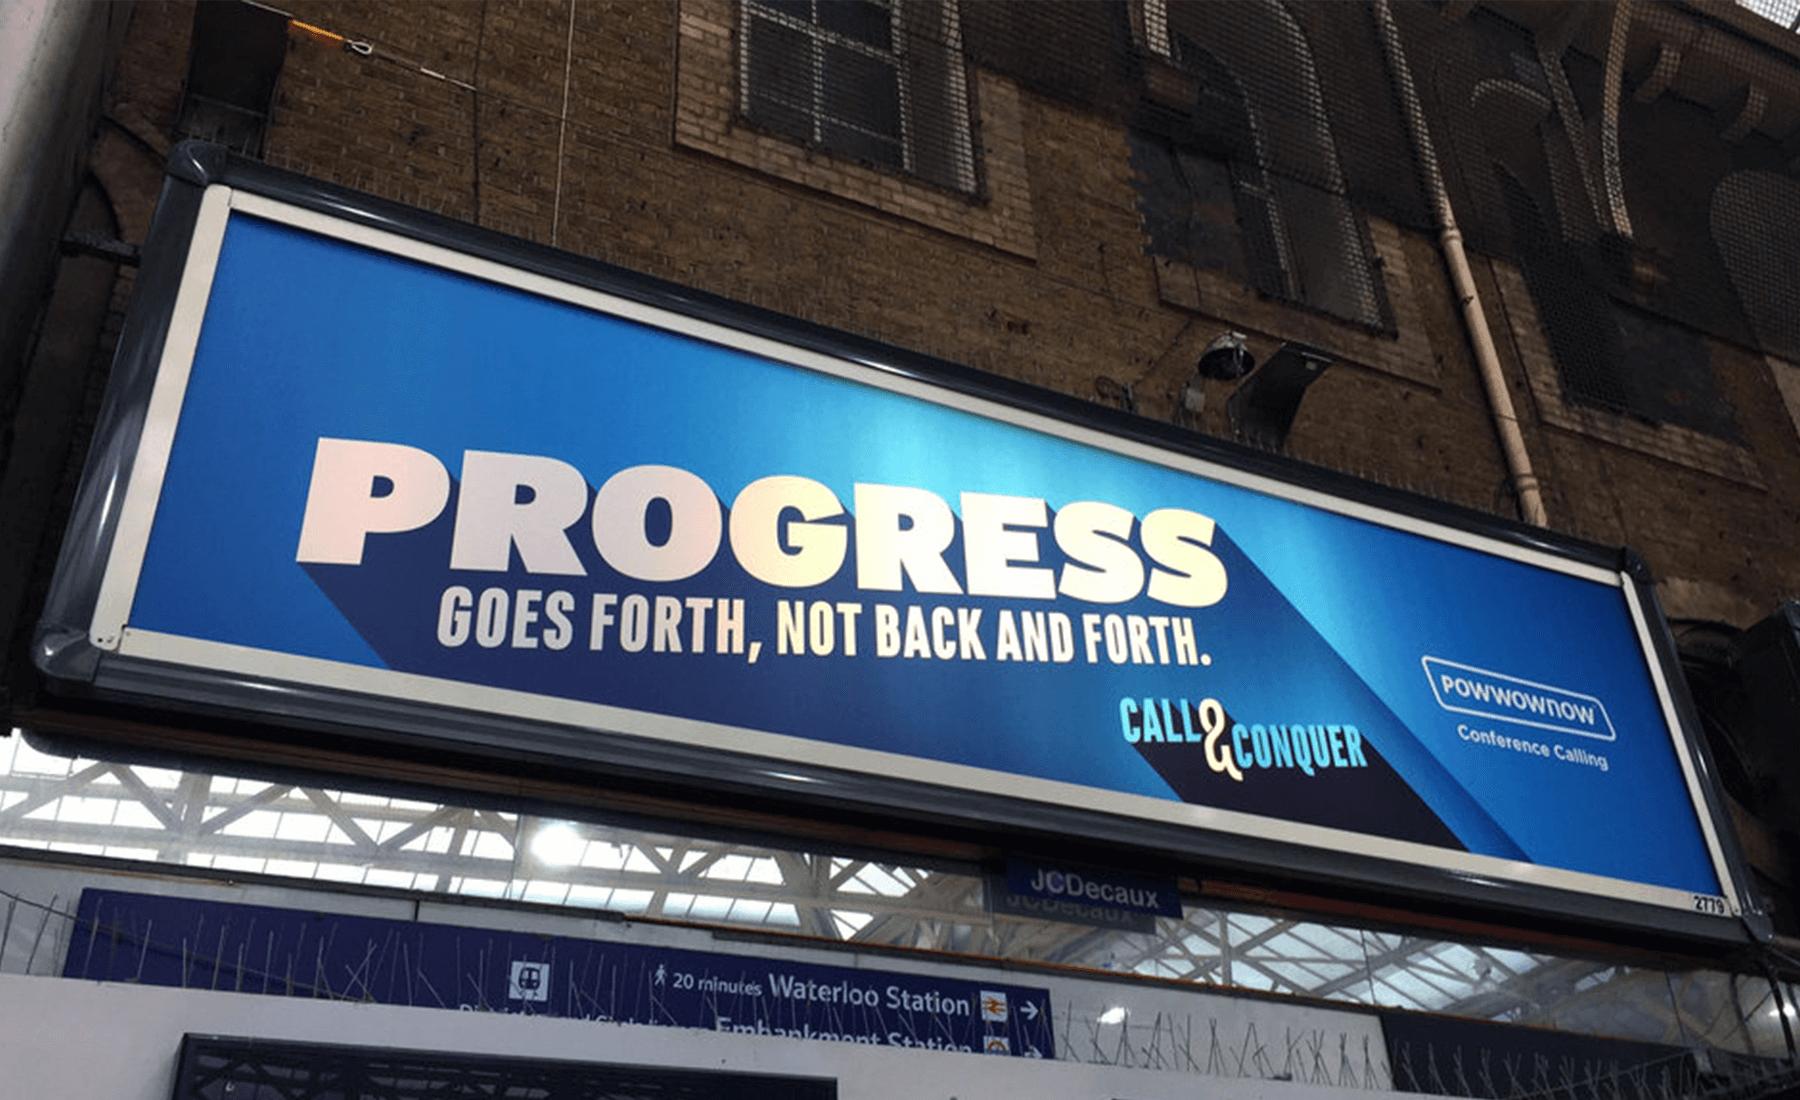 PWN_Progress